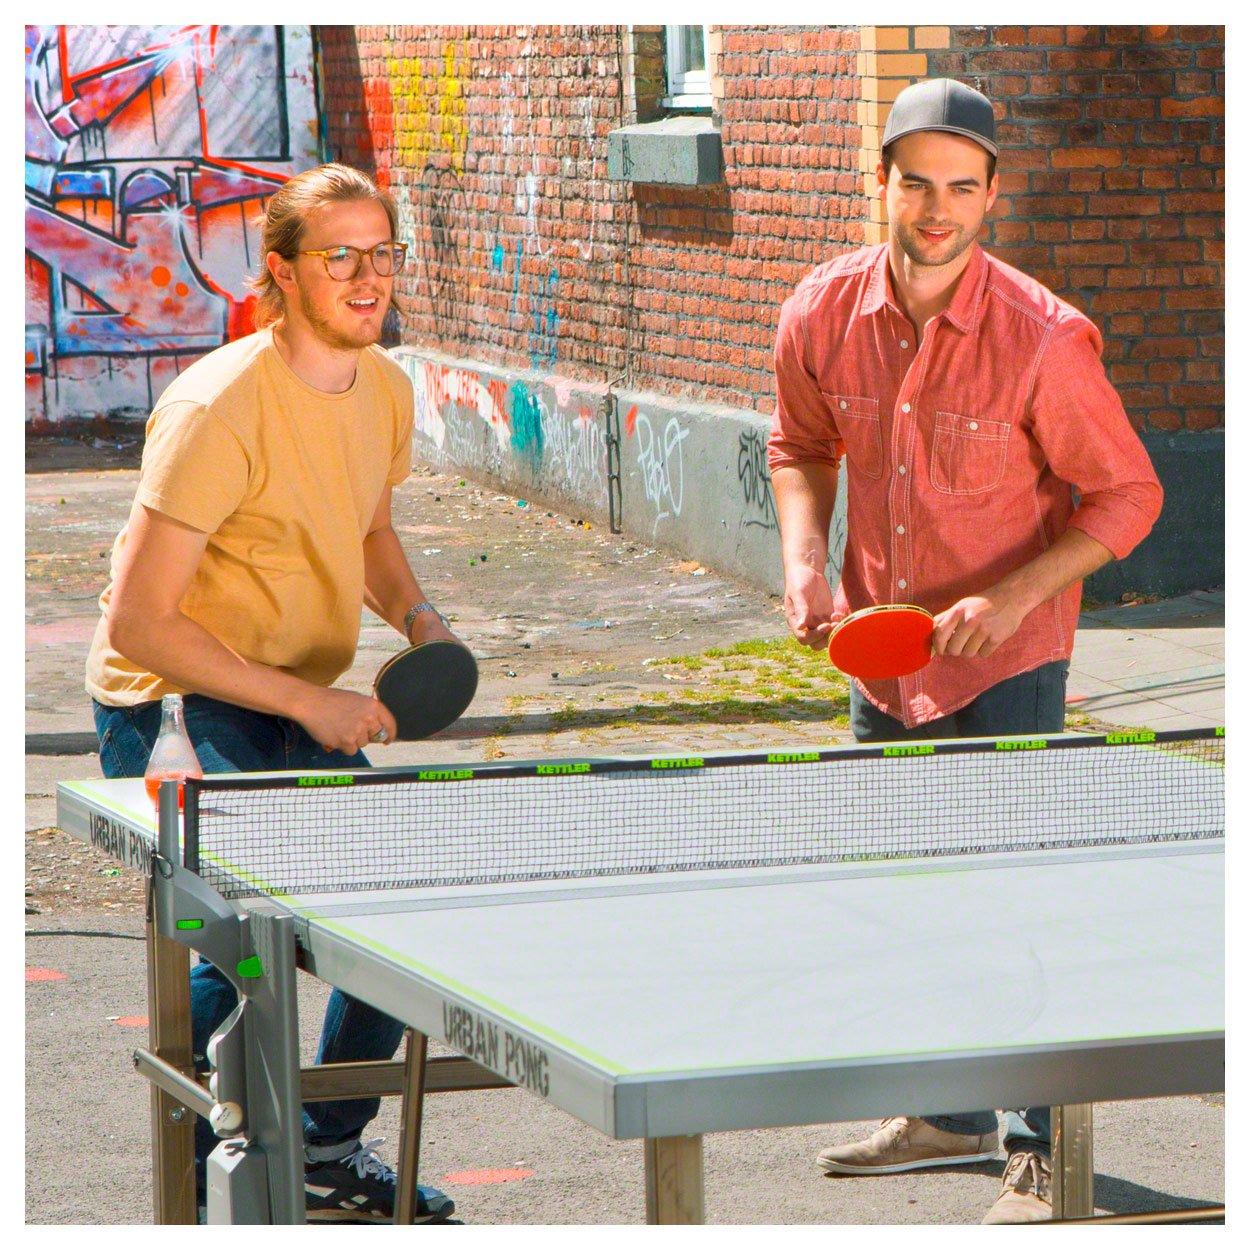 Kettler Basic – Set 2 Schläger Champ und und und 3 Bälle 3 Sterne pinpong B004K83WD0 Tischtennis-Sets Ausgezeichnete Qualität 333361